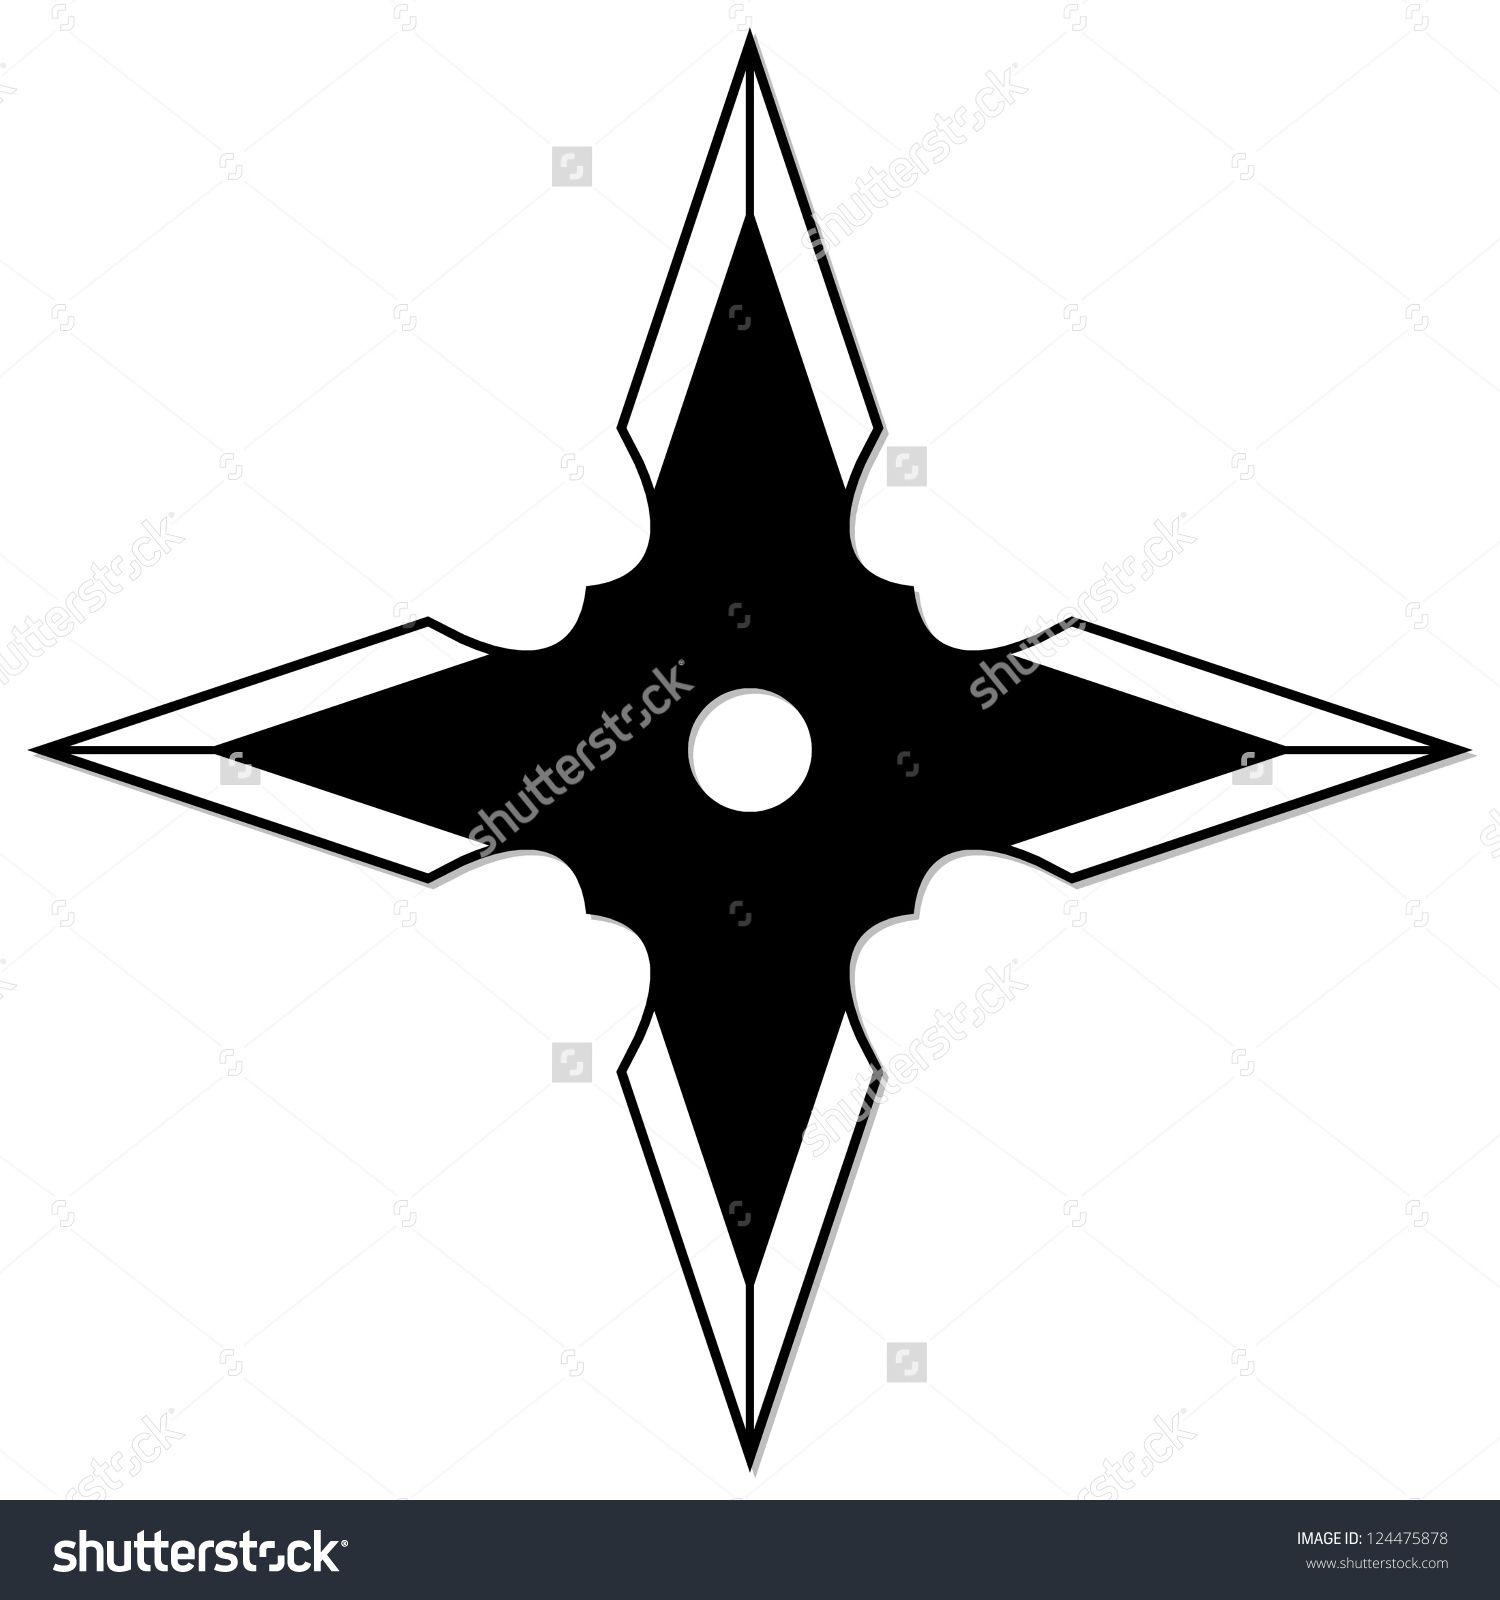 Ninja Star Template Resultado de im...